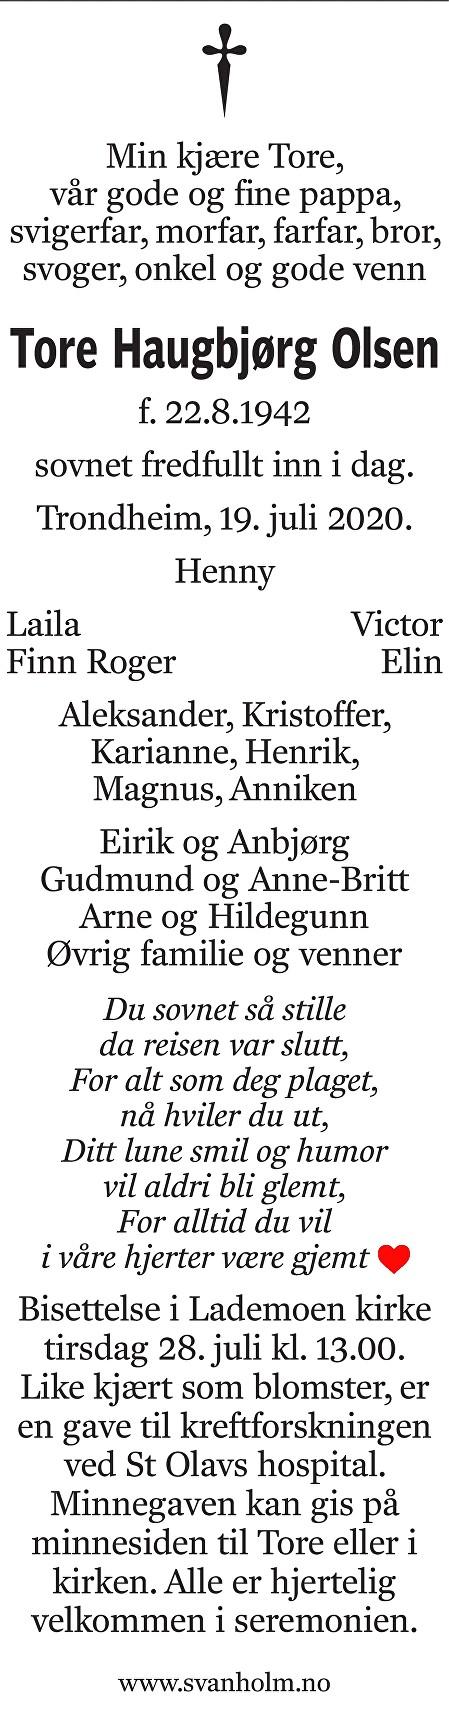 Tore Haugbjørg Olsen Dødsannonse